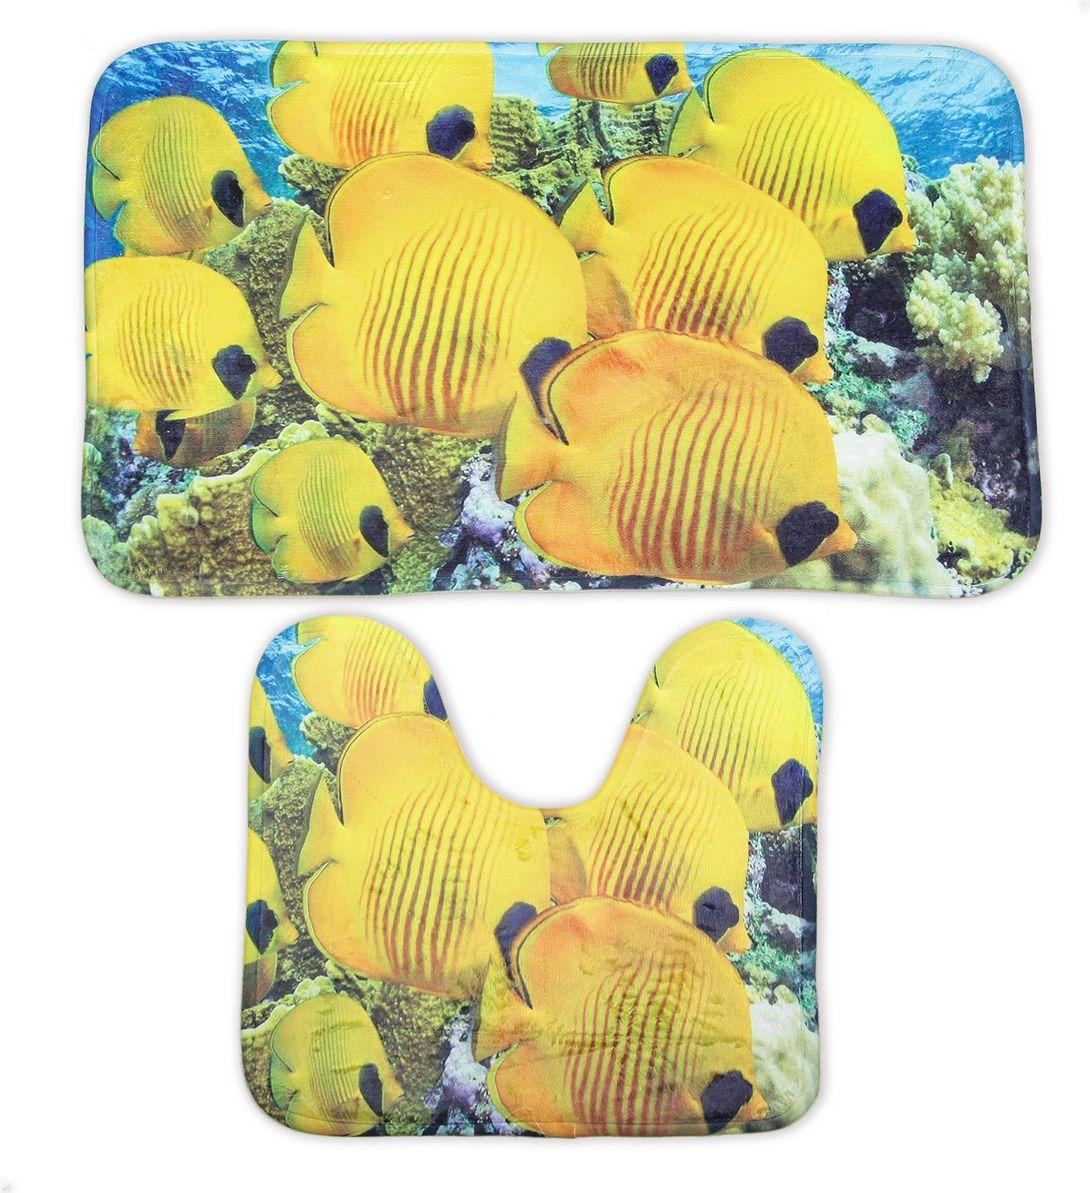 """Набор ковриков для ванной Доляна """"Подводный мир"""", 2989793, разноцветный, 2 шт"""